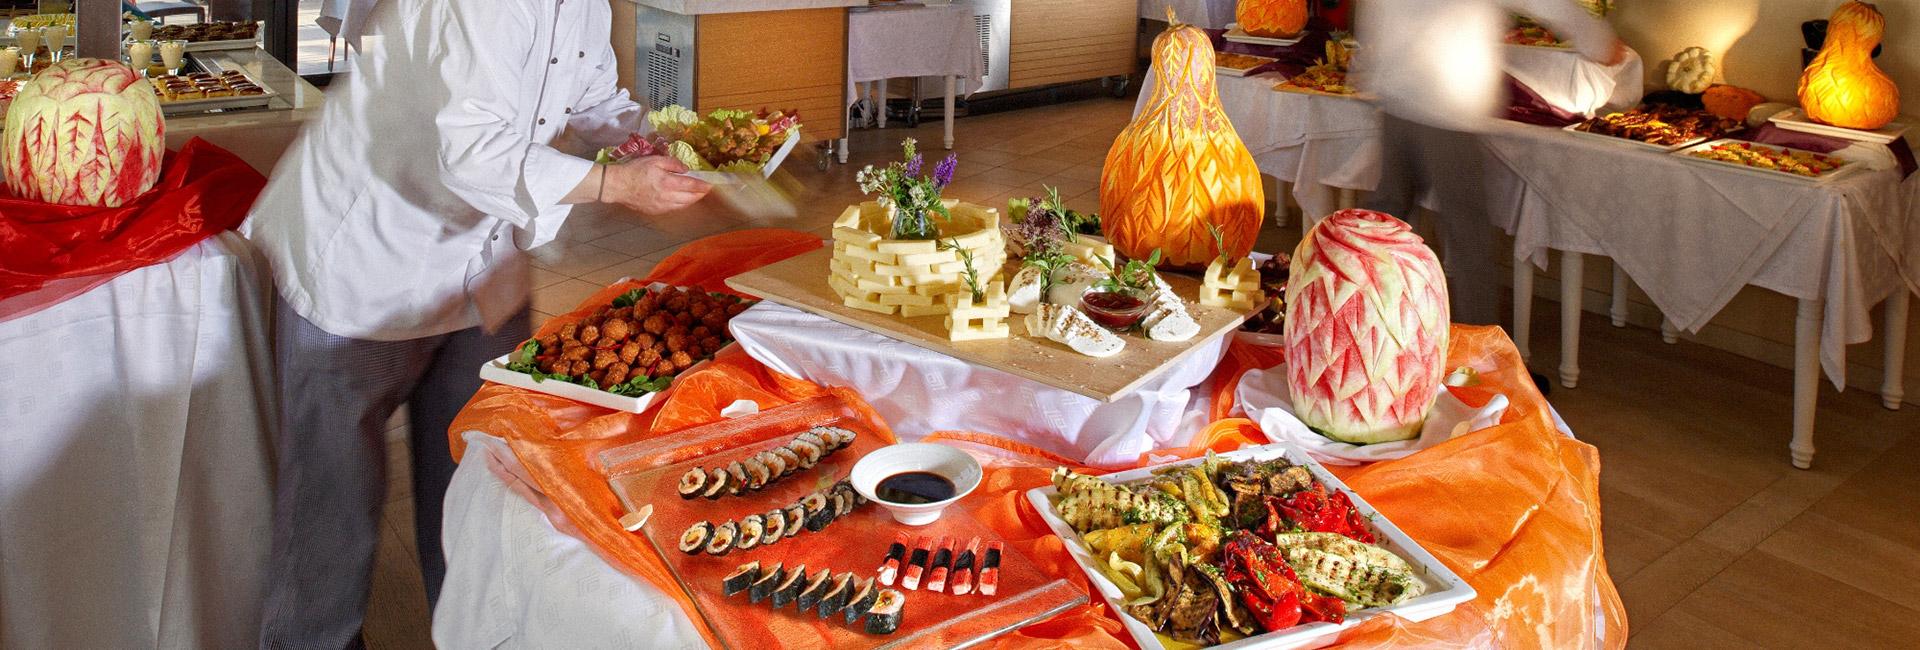 Gastronomy-3